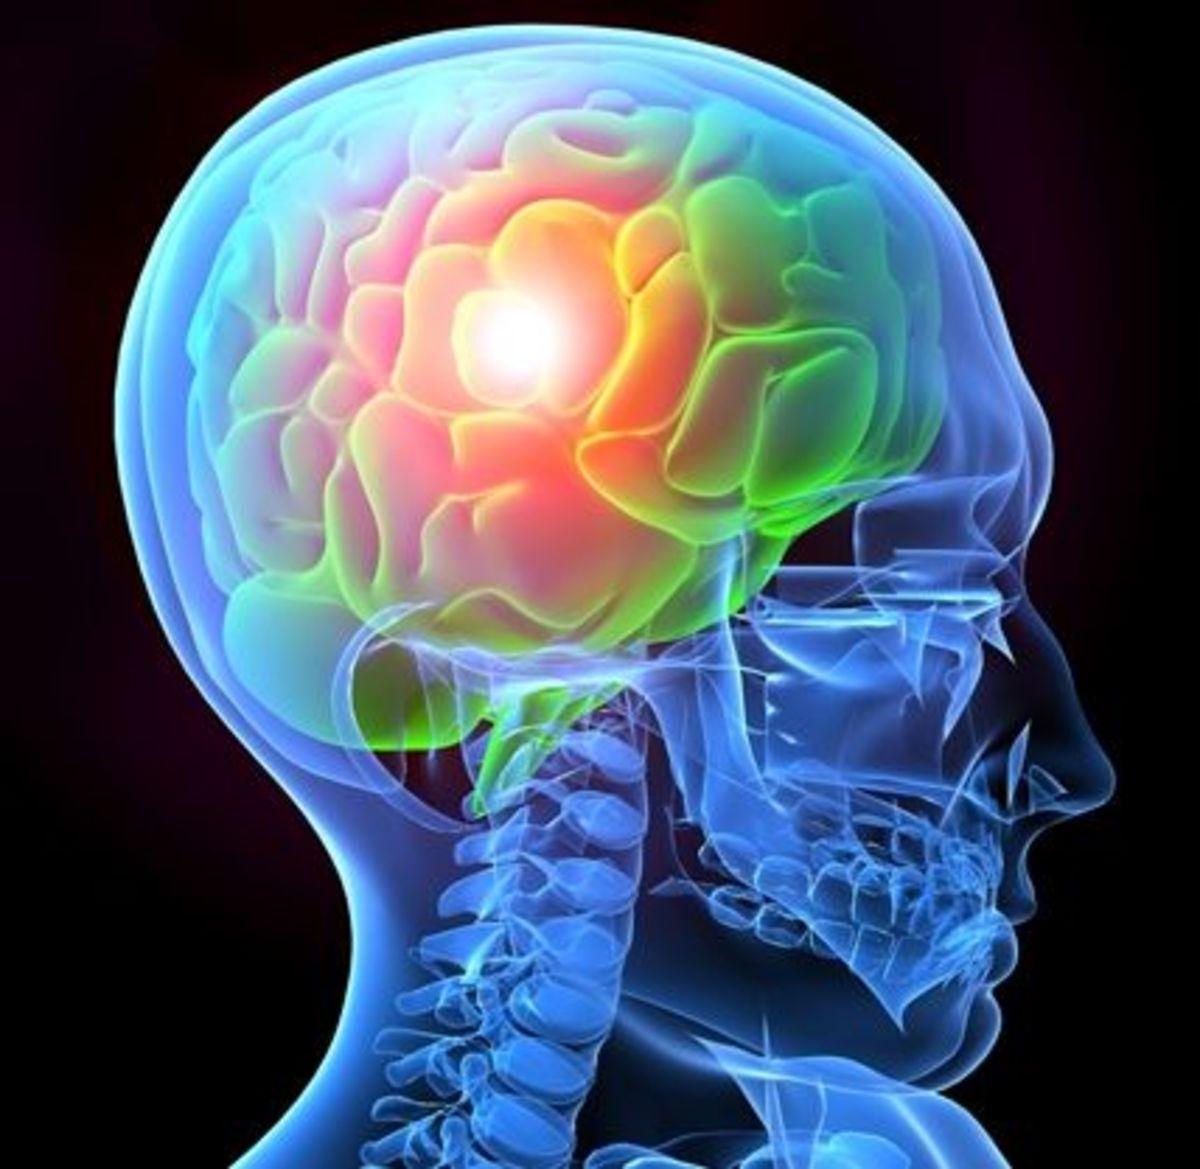 Brain Anatomy from the Brain Injury